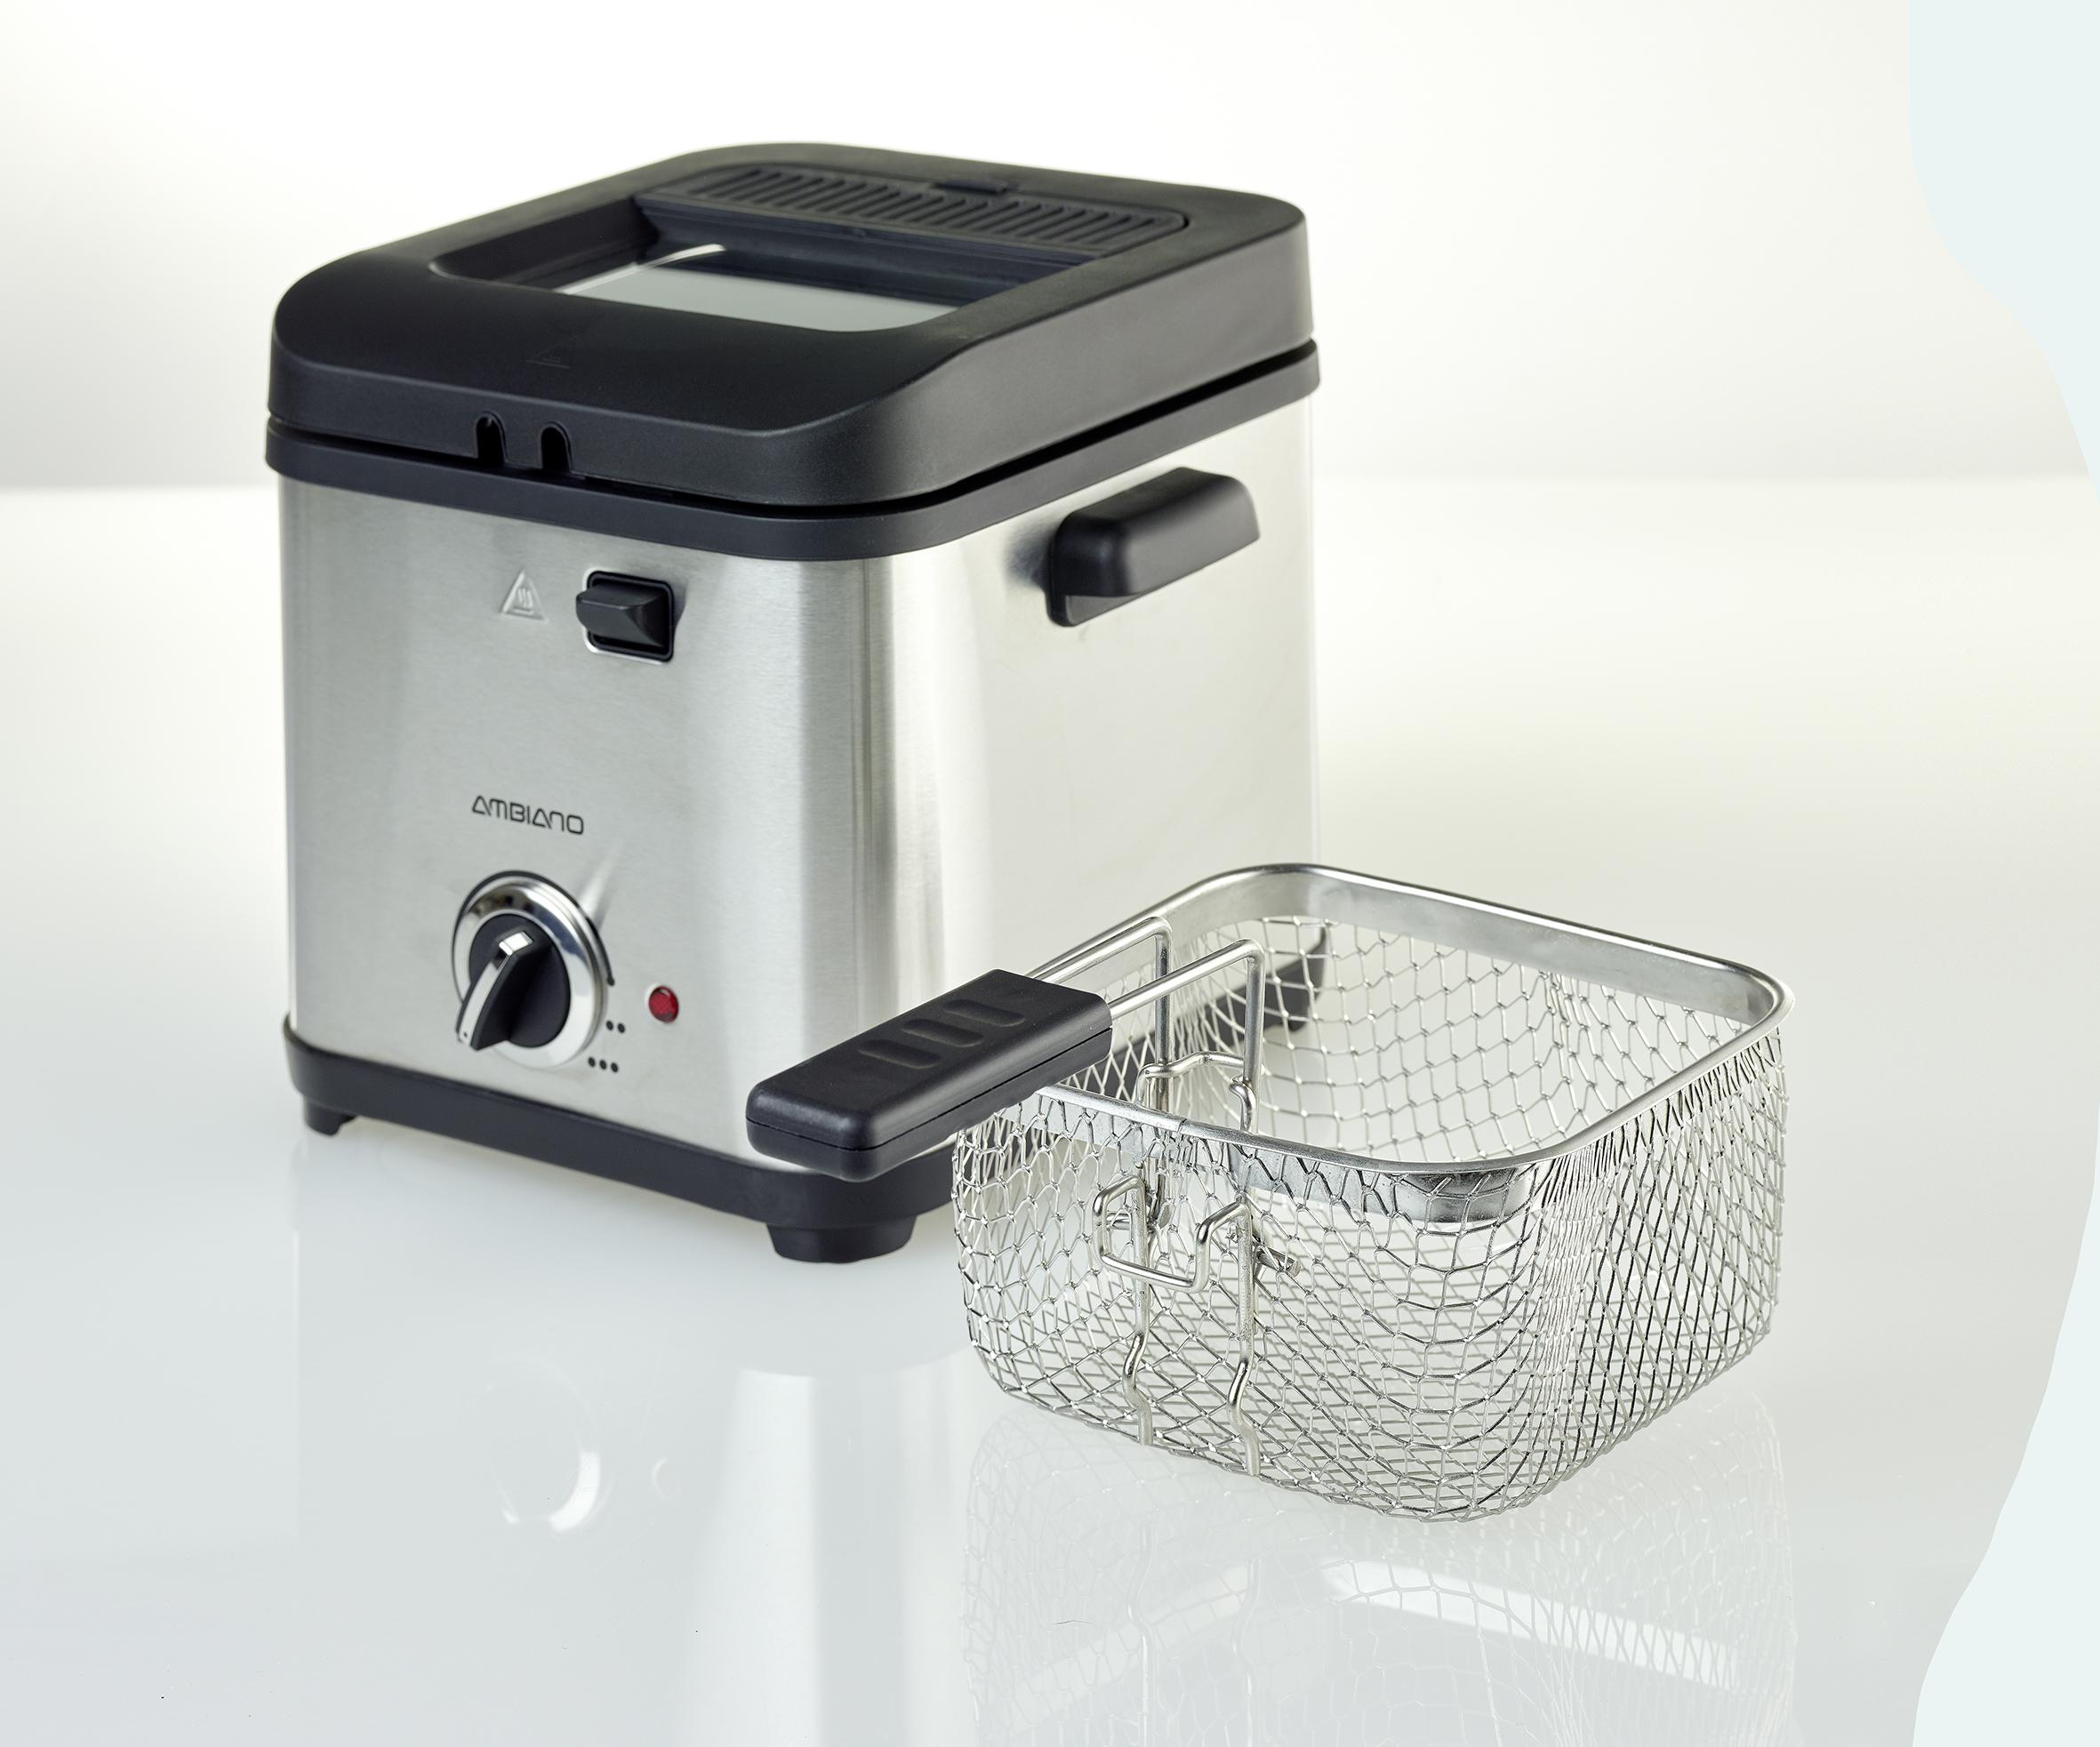 Aldi Elektrogrill Ambiano Test : Küchenmaschine aldi ambiano test aldi süd das kann der thermomix